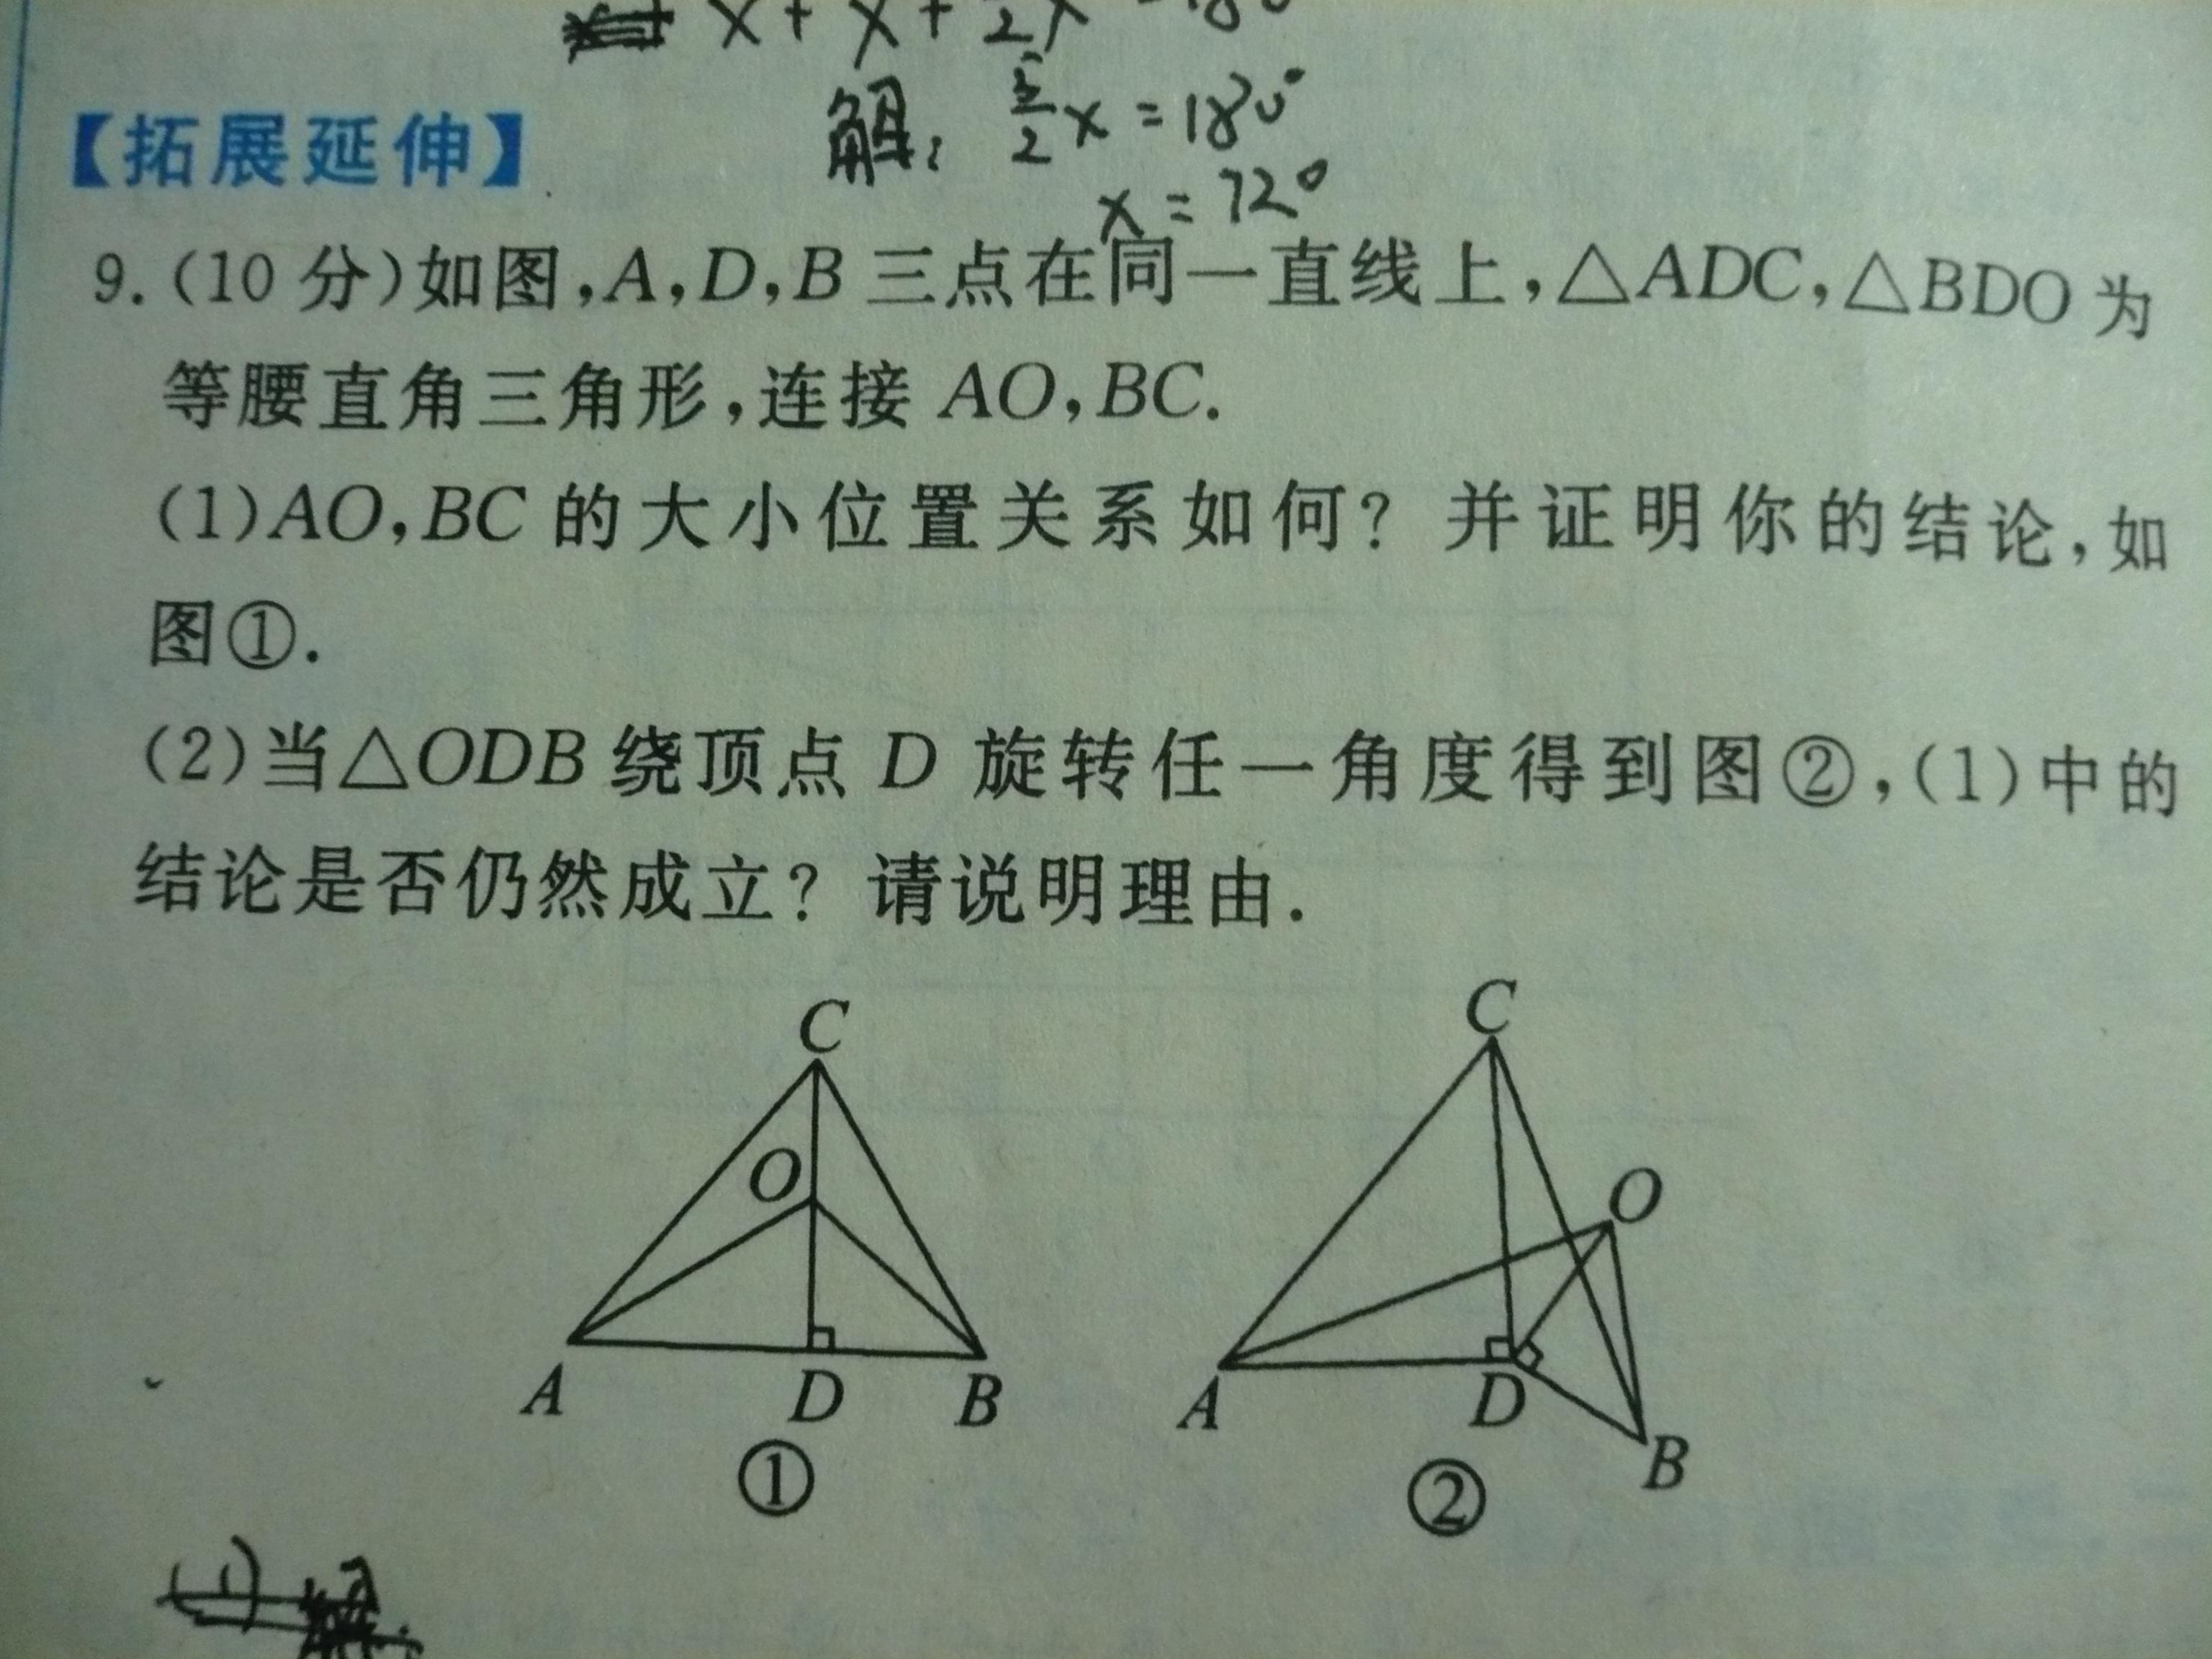 数学拓展延伸题_初二数学几何图形的初步认识图片